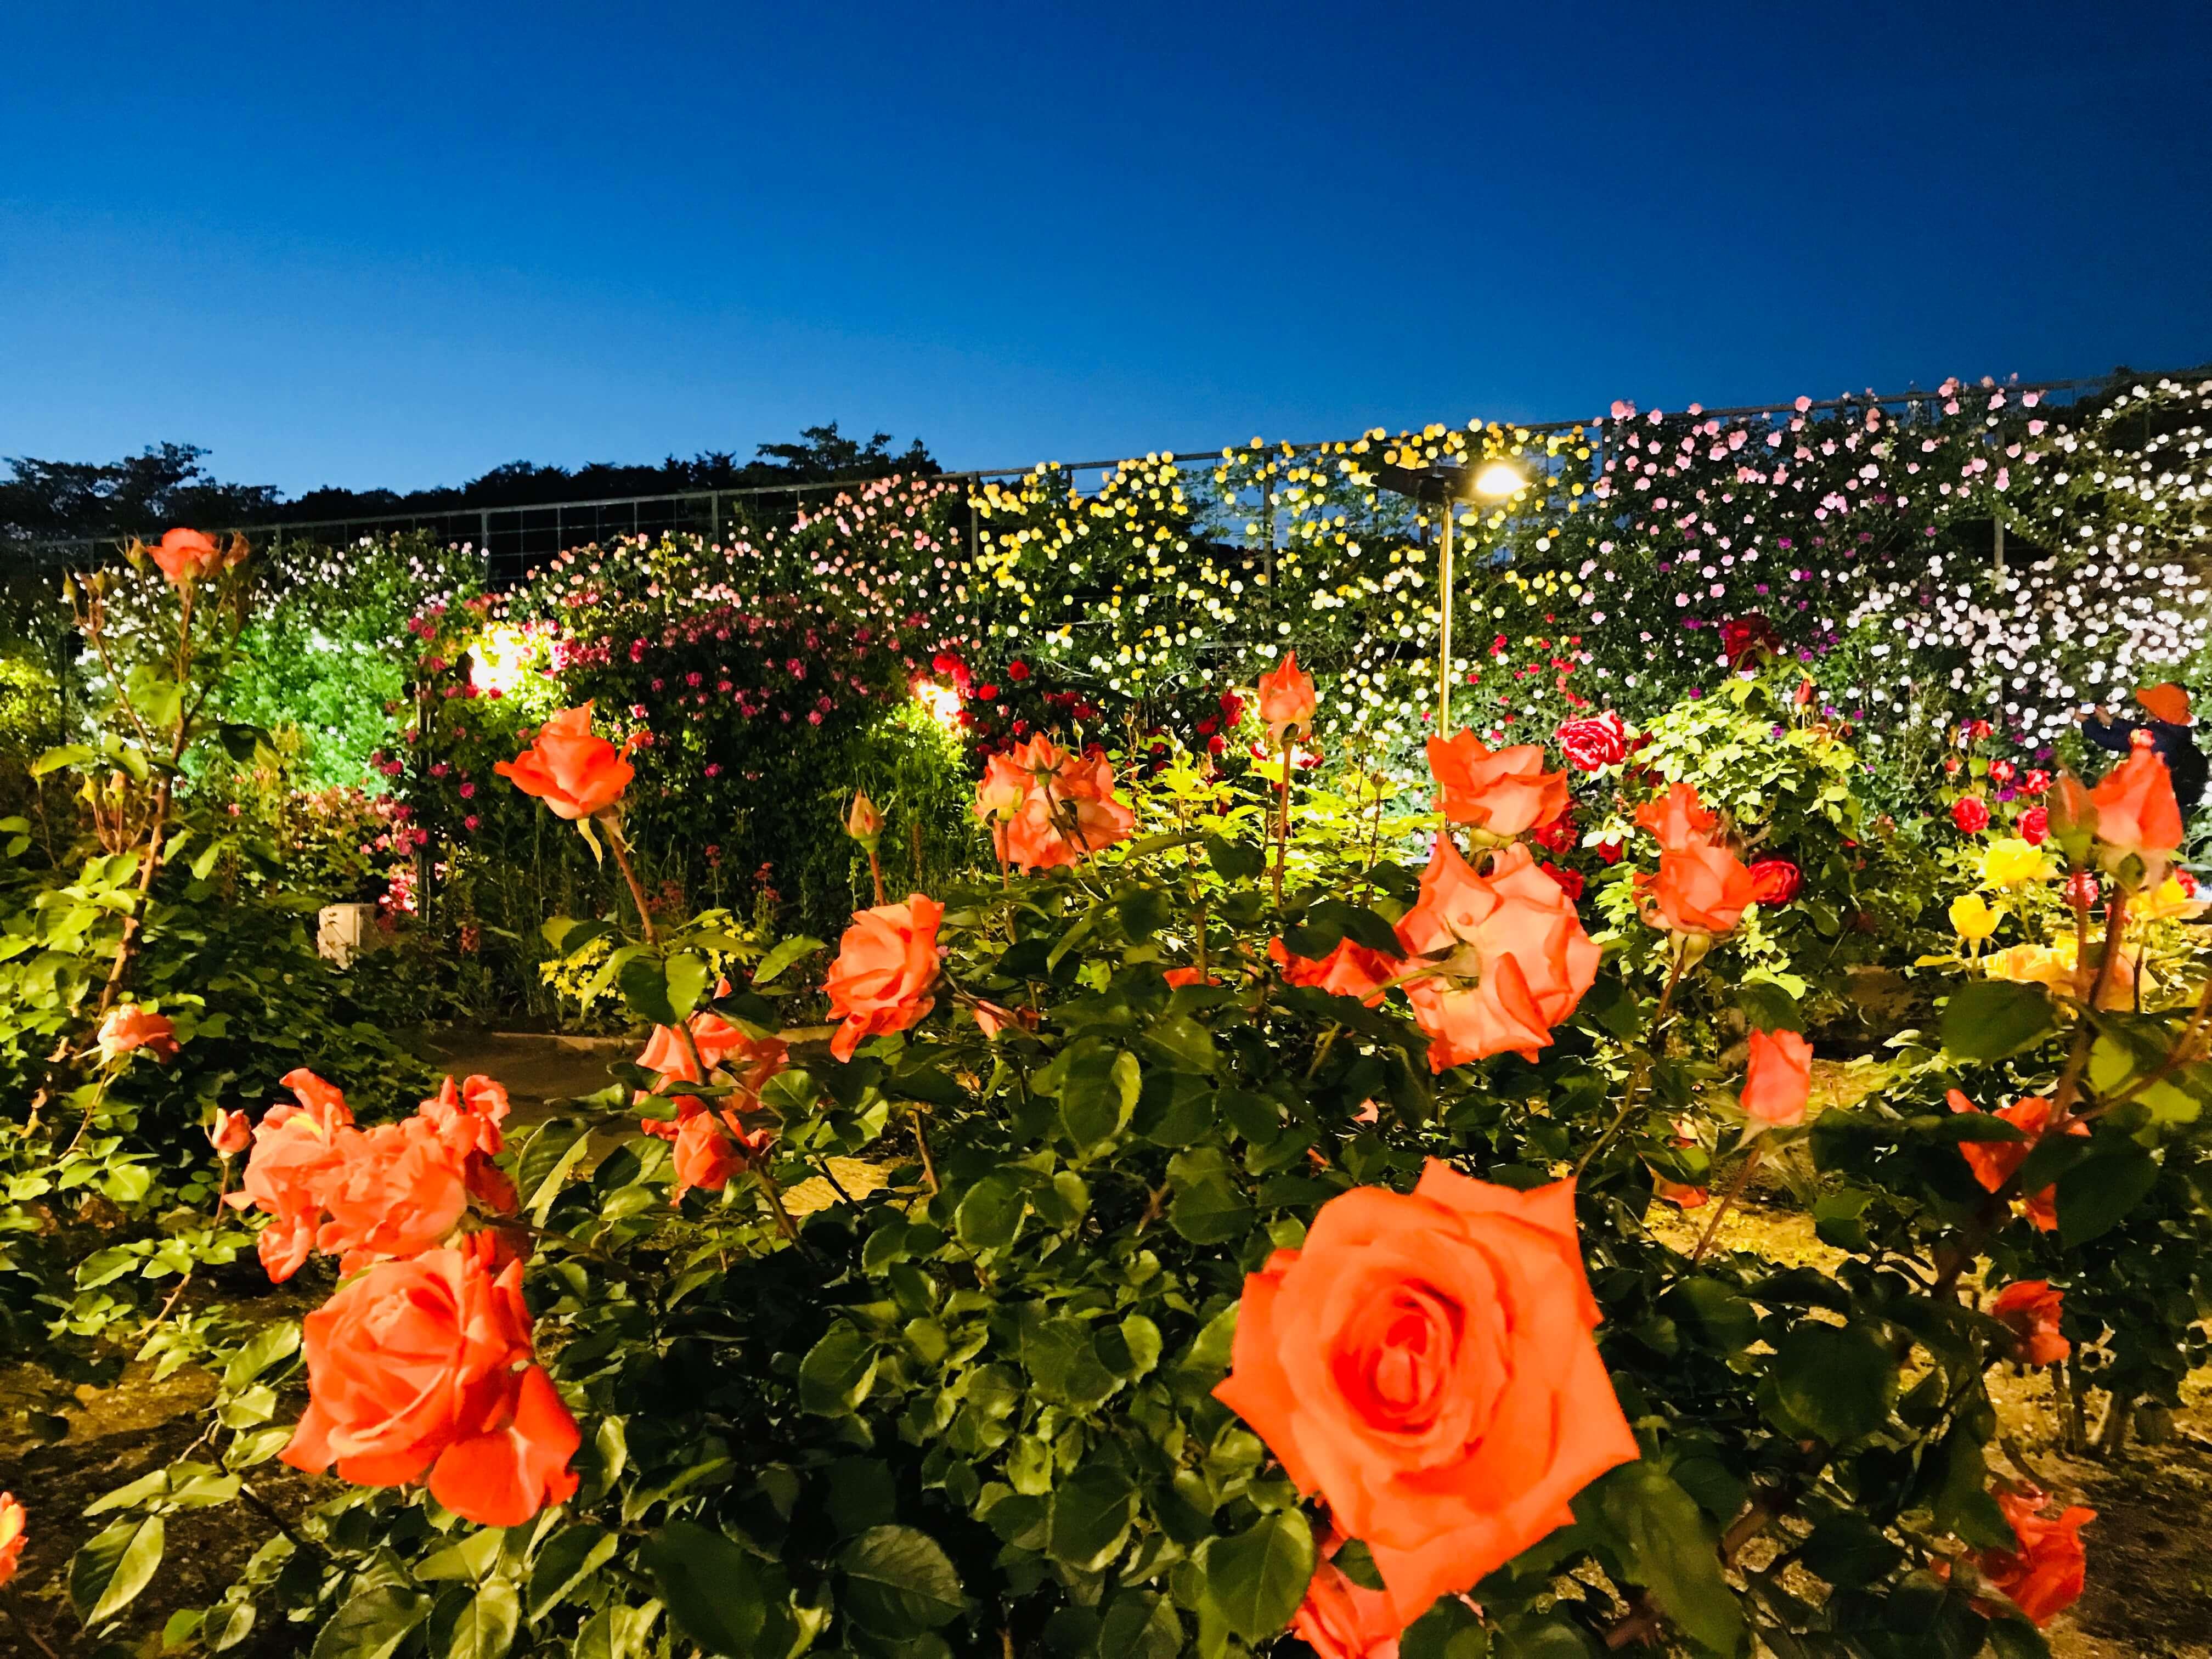 栃木縣足利花卉公園500種2,500株薔薇花正開 賞花去吧! 在栃木、足利花卉公園、